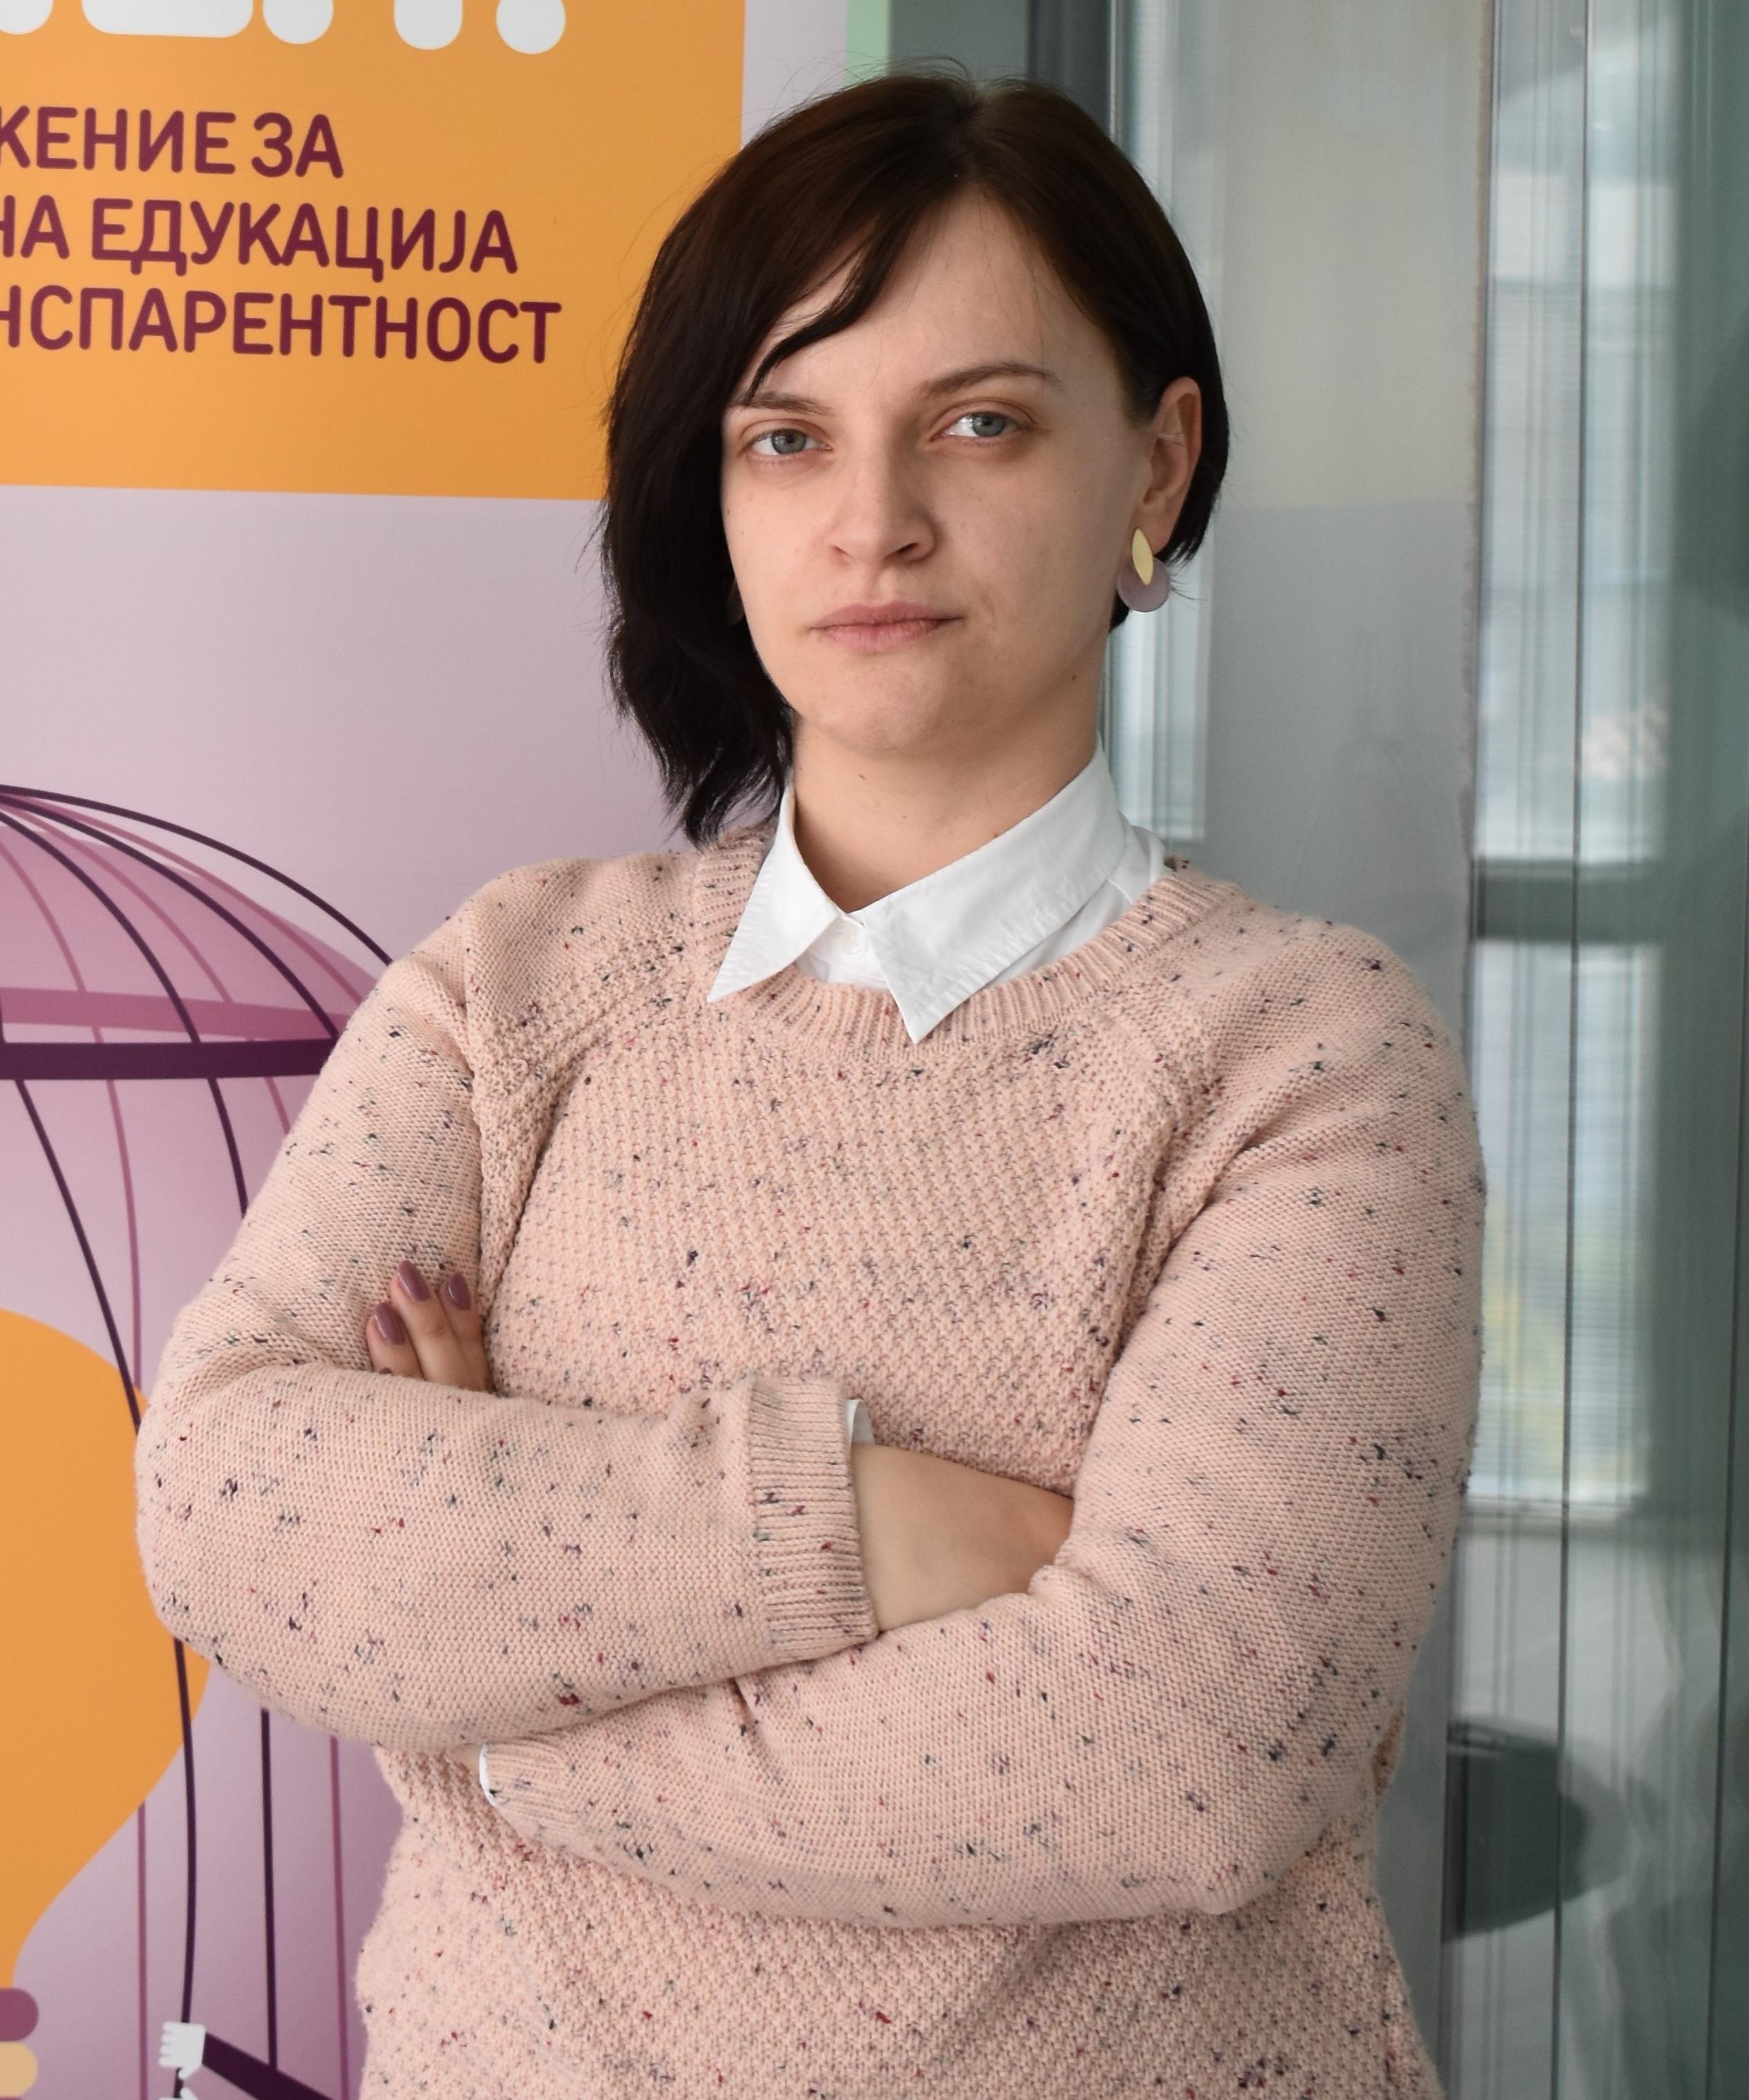 Vesna Shapkoski